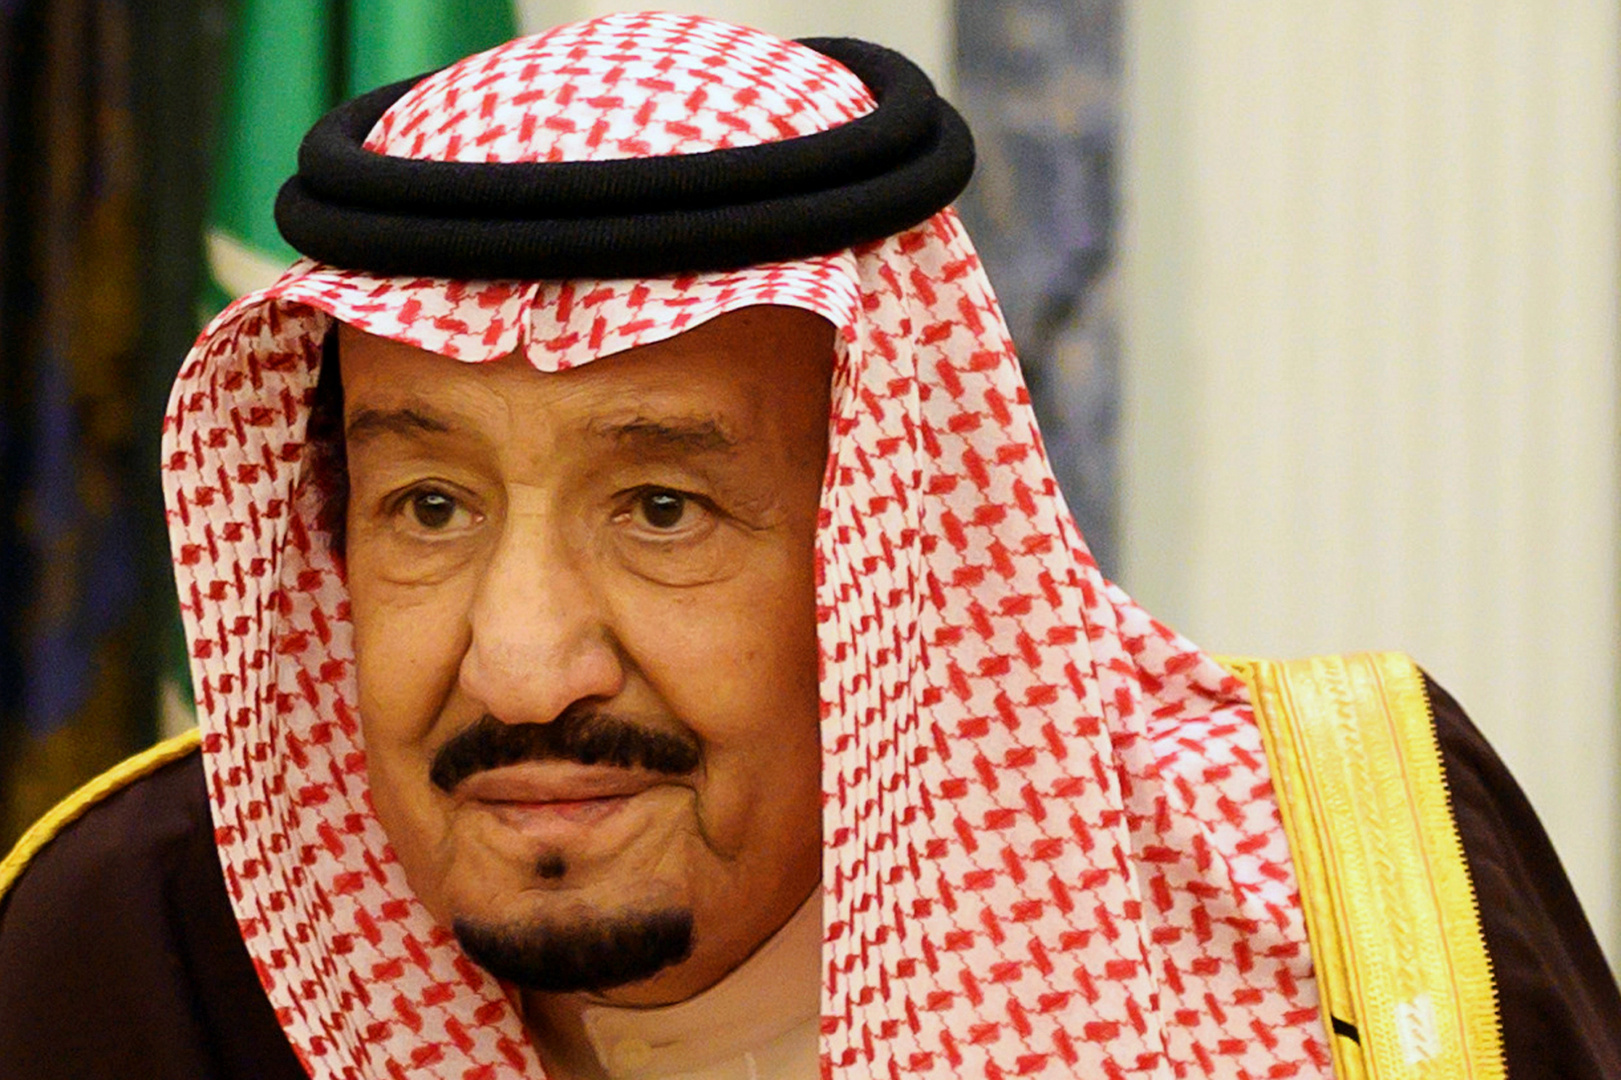 الملك سلمان بن عبد العزيز يوجه كلمة للحجاج والمرابطين وعموم المسلمين بمناسبة عيد الأضحى